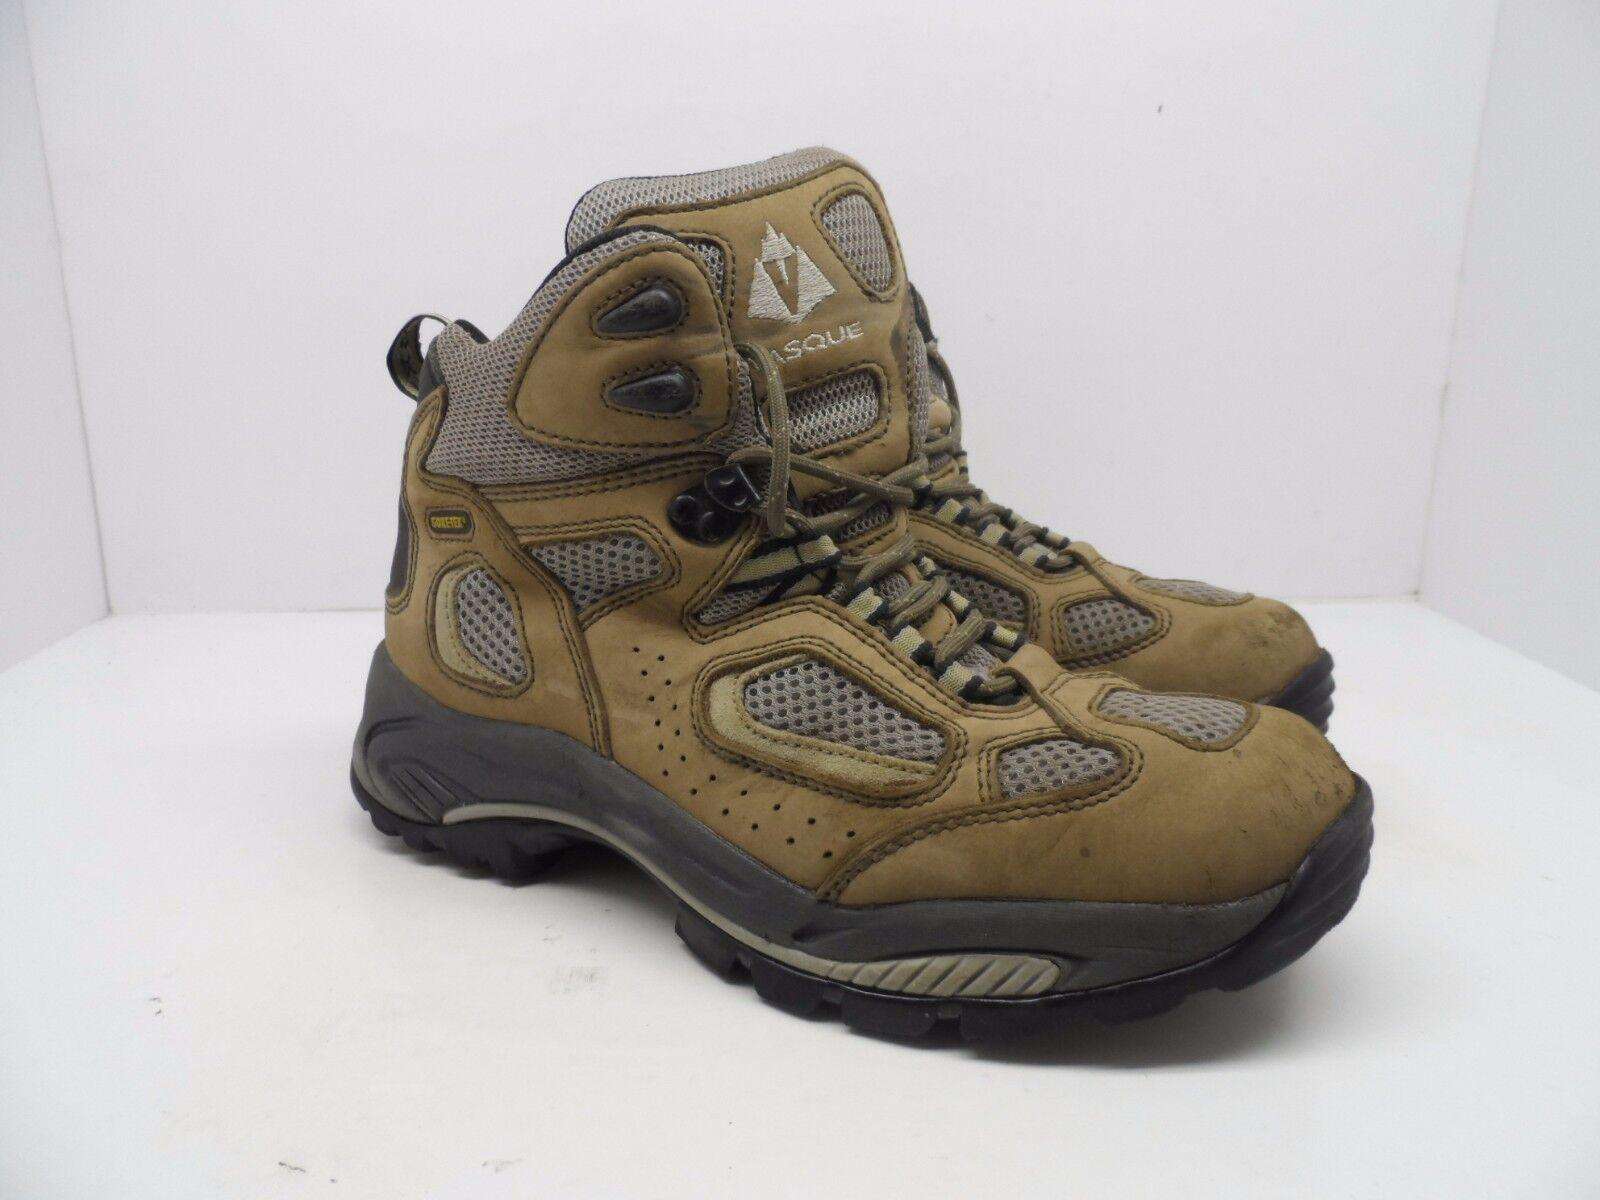 Vasque Women's Breeze Gore-Tex Hiking Boot Beige Size 9.5M